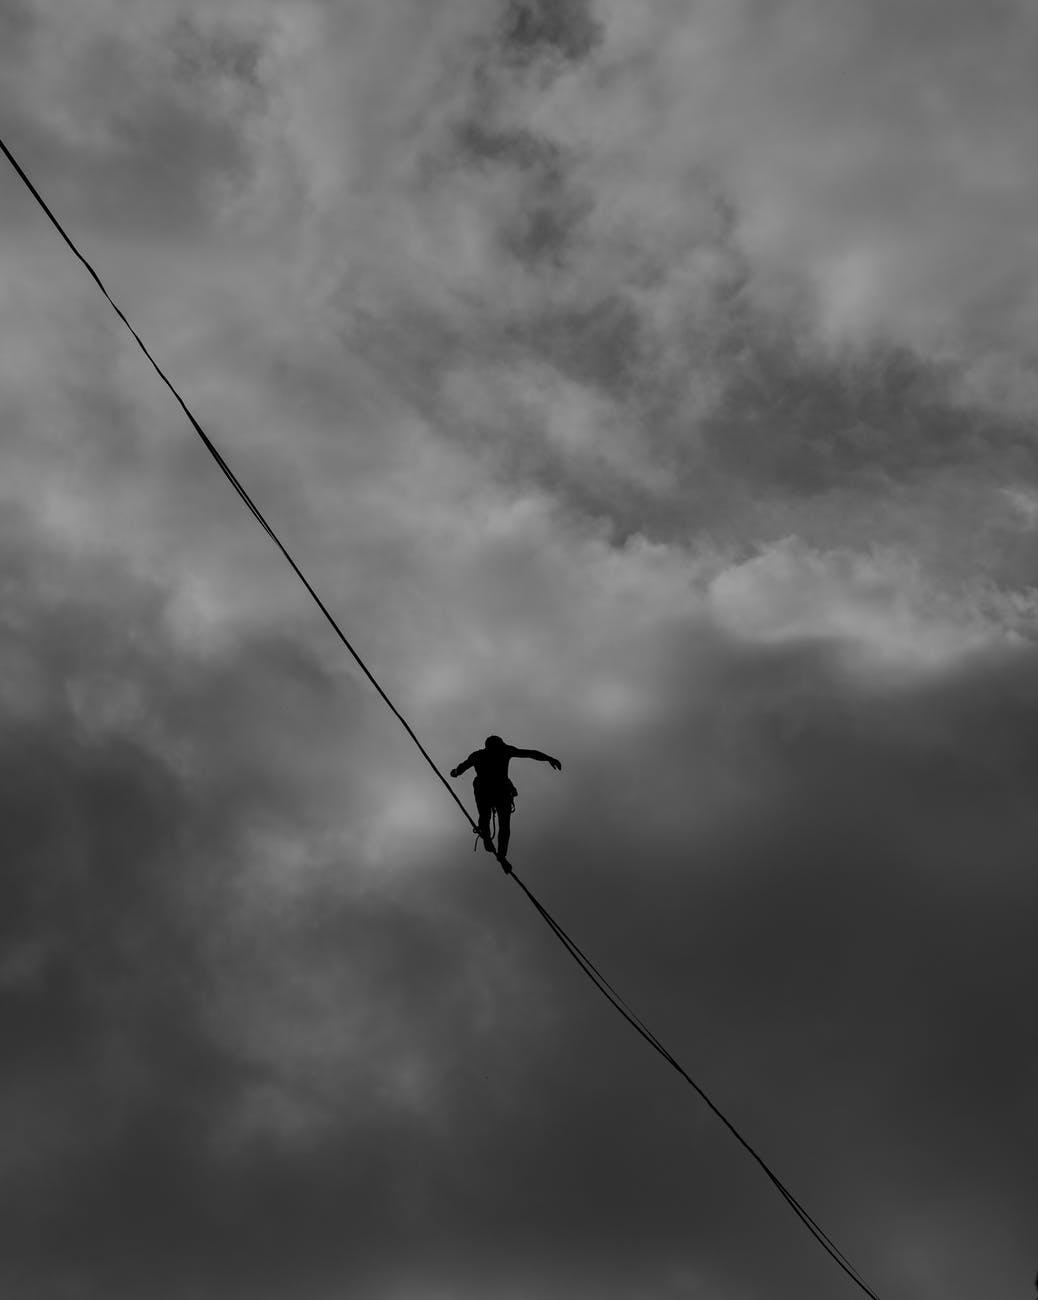 Damon Stapleton: The risk of not taking risks